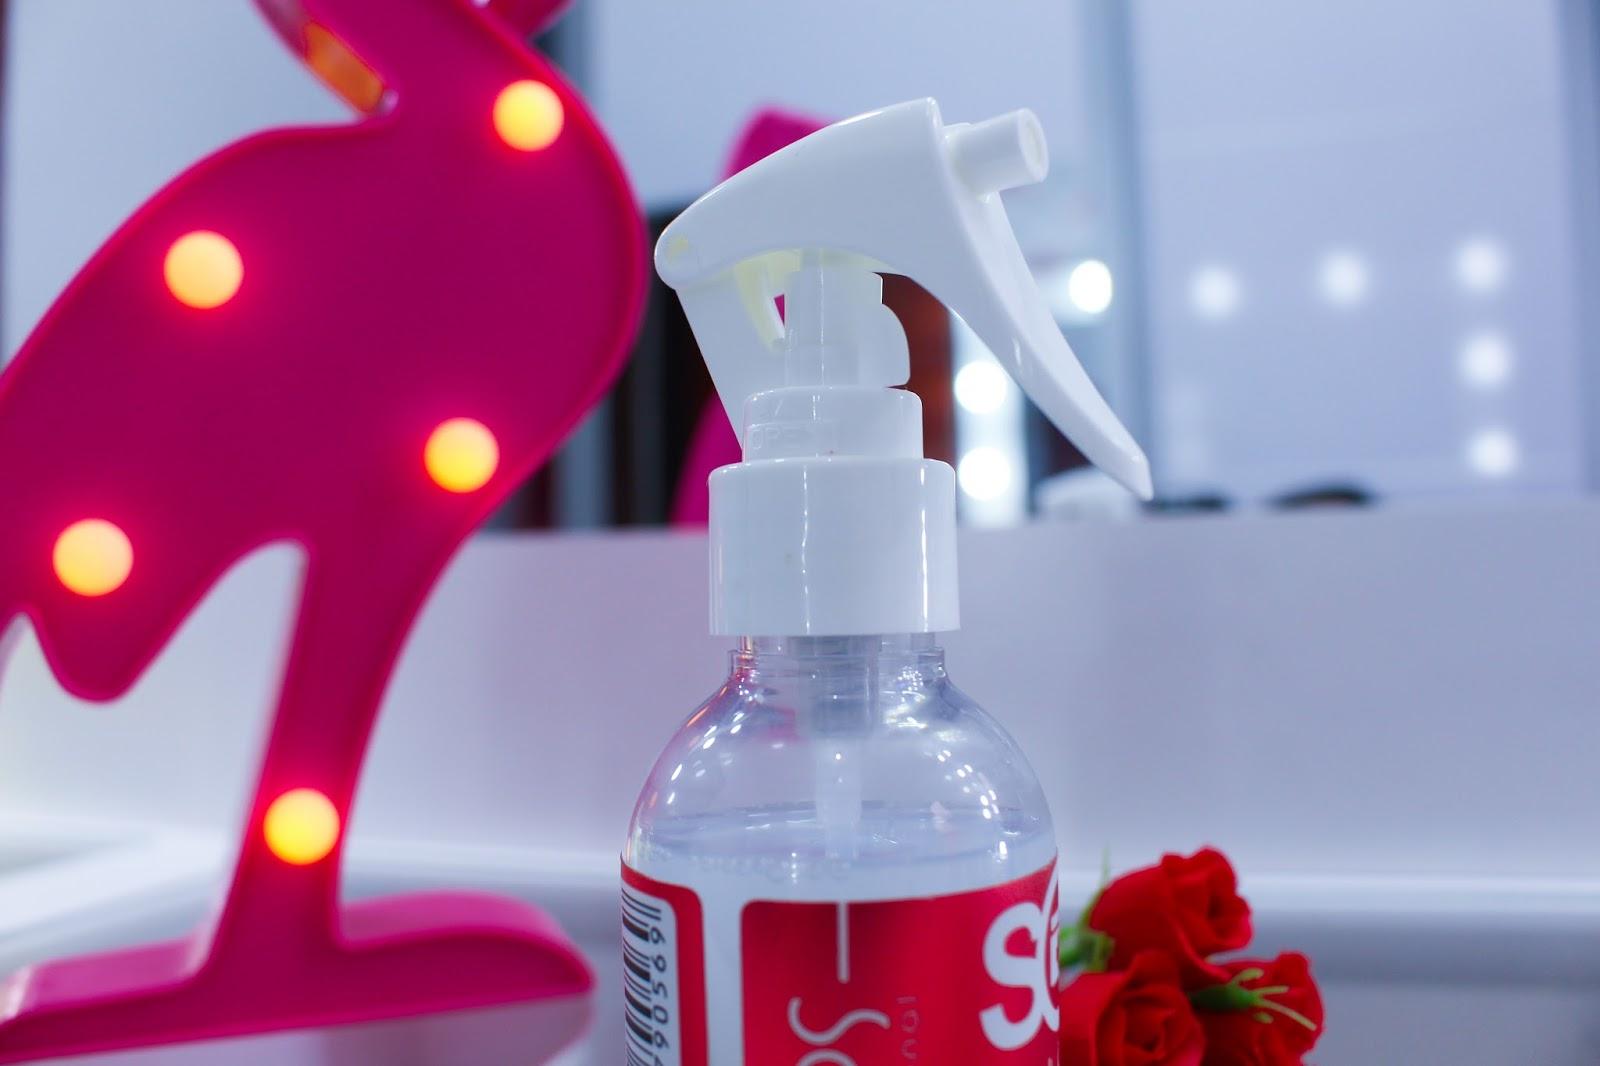 Resenha: SOS Liss Express Fluido Thermo Protetor - Felps